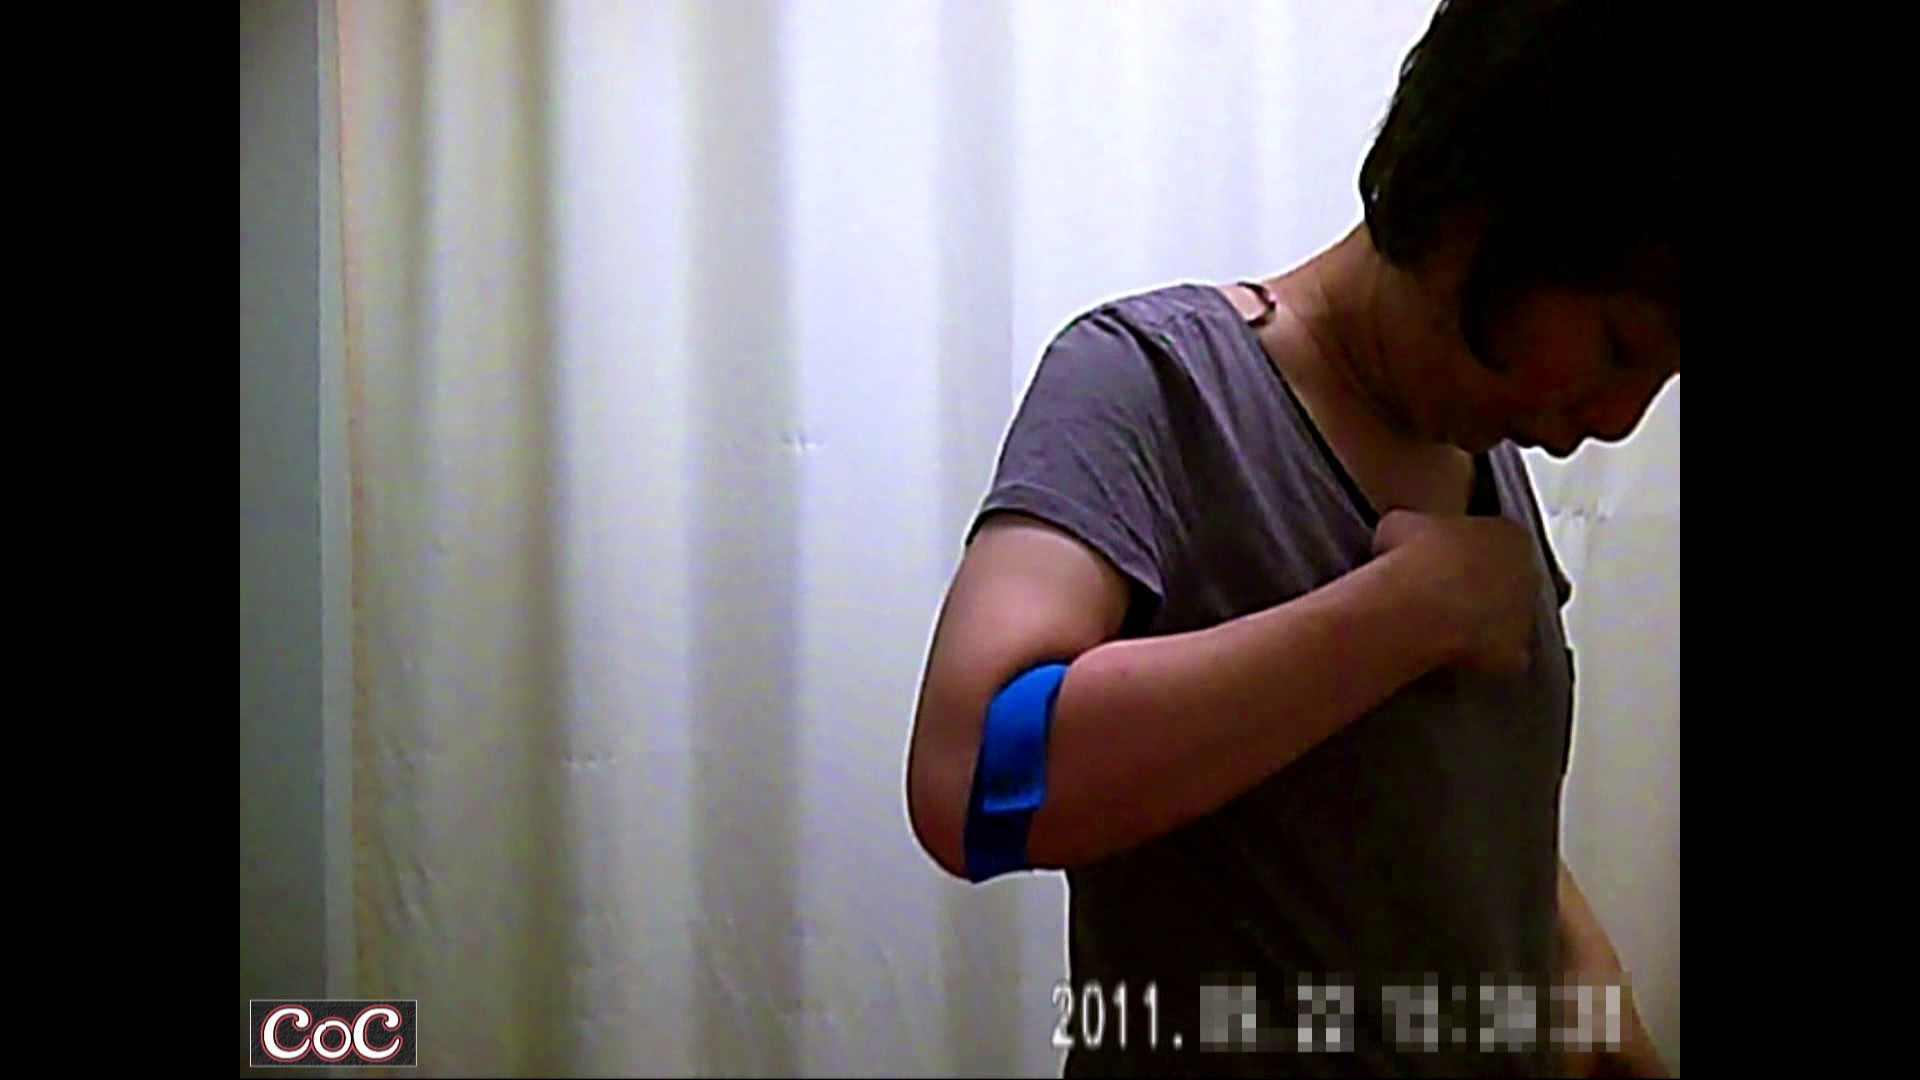 病院おもいっきり着替え! vol.32 乳首 オマンコ無修正動画無料 89画像 29